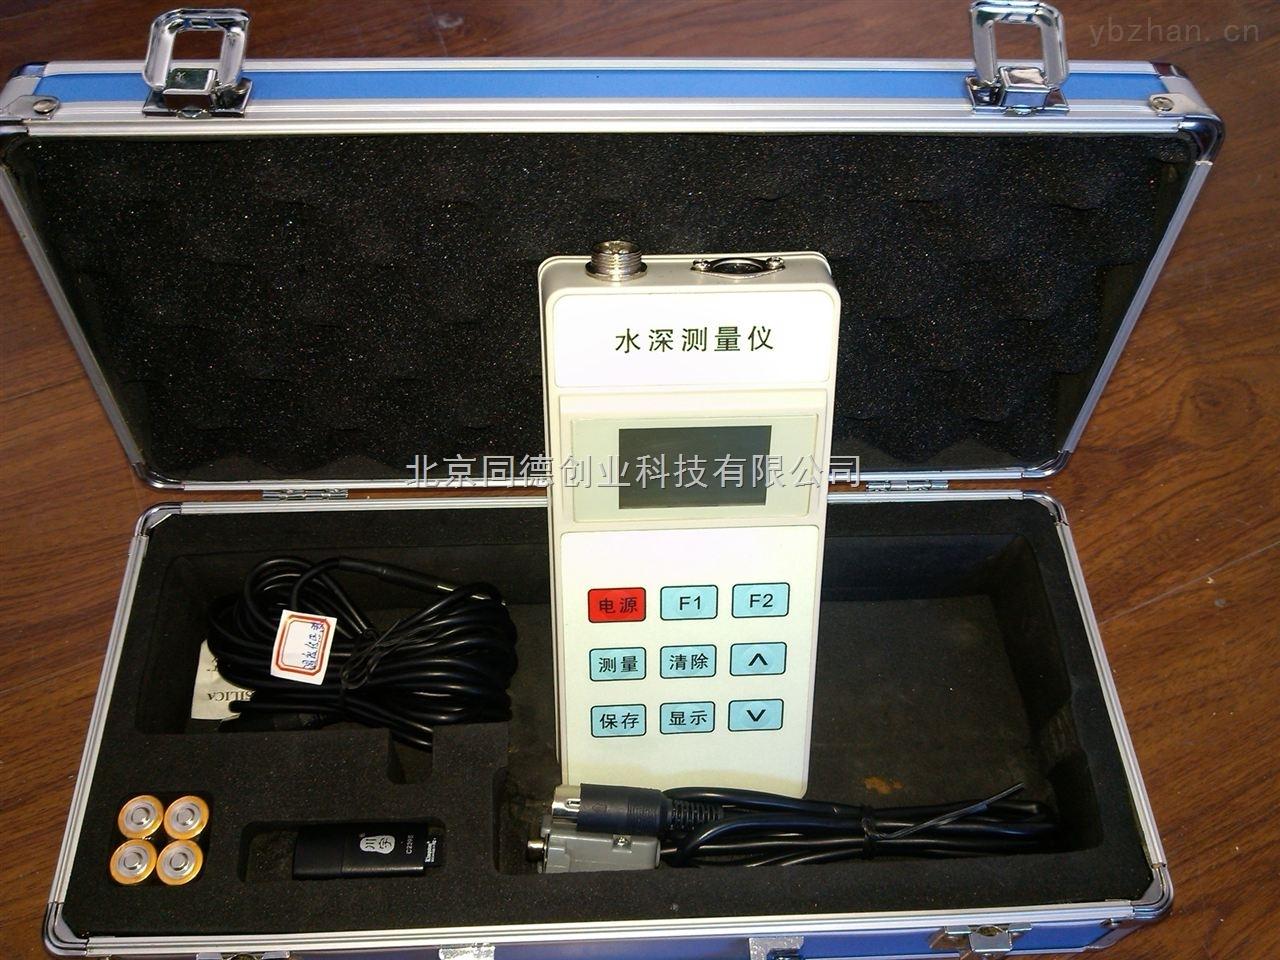 水深检测仪 水深水位测量仪 水深仪